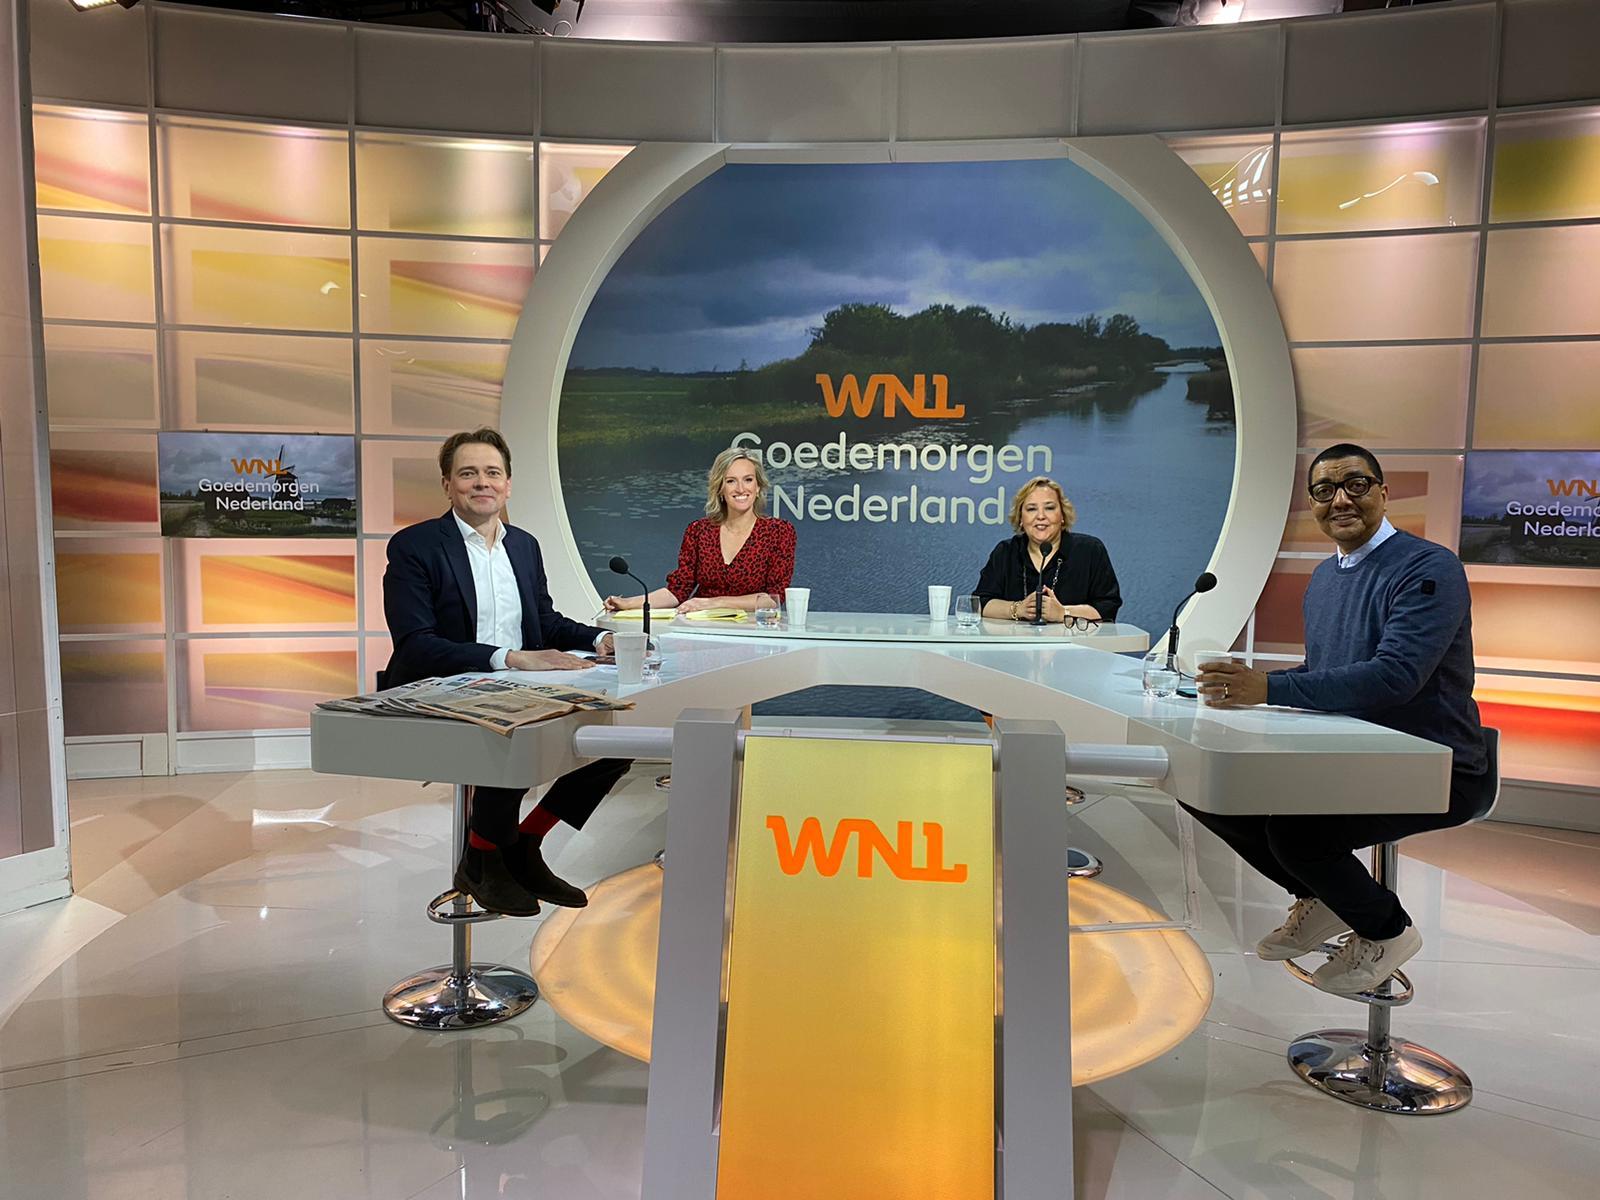 WNL Goedemorgen Nederland